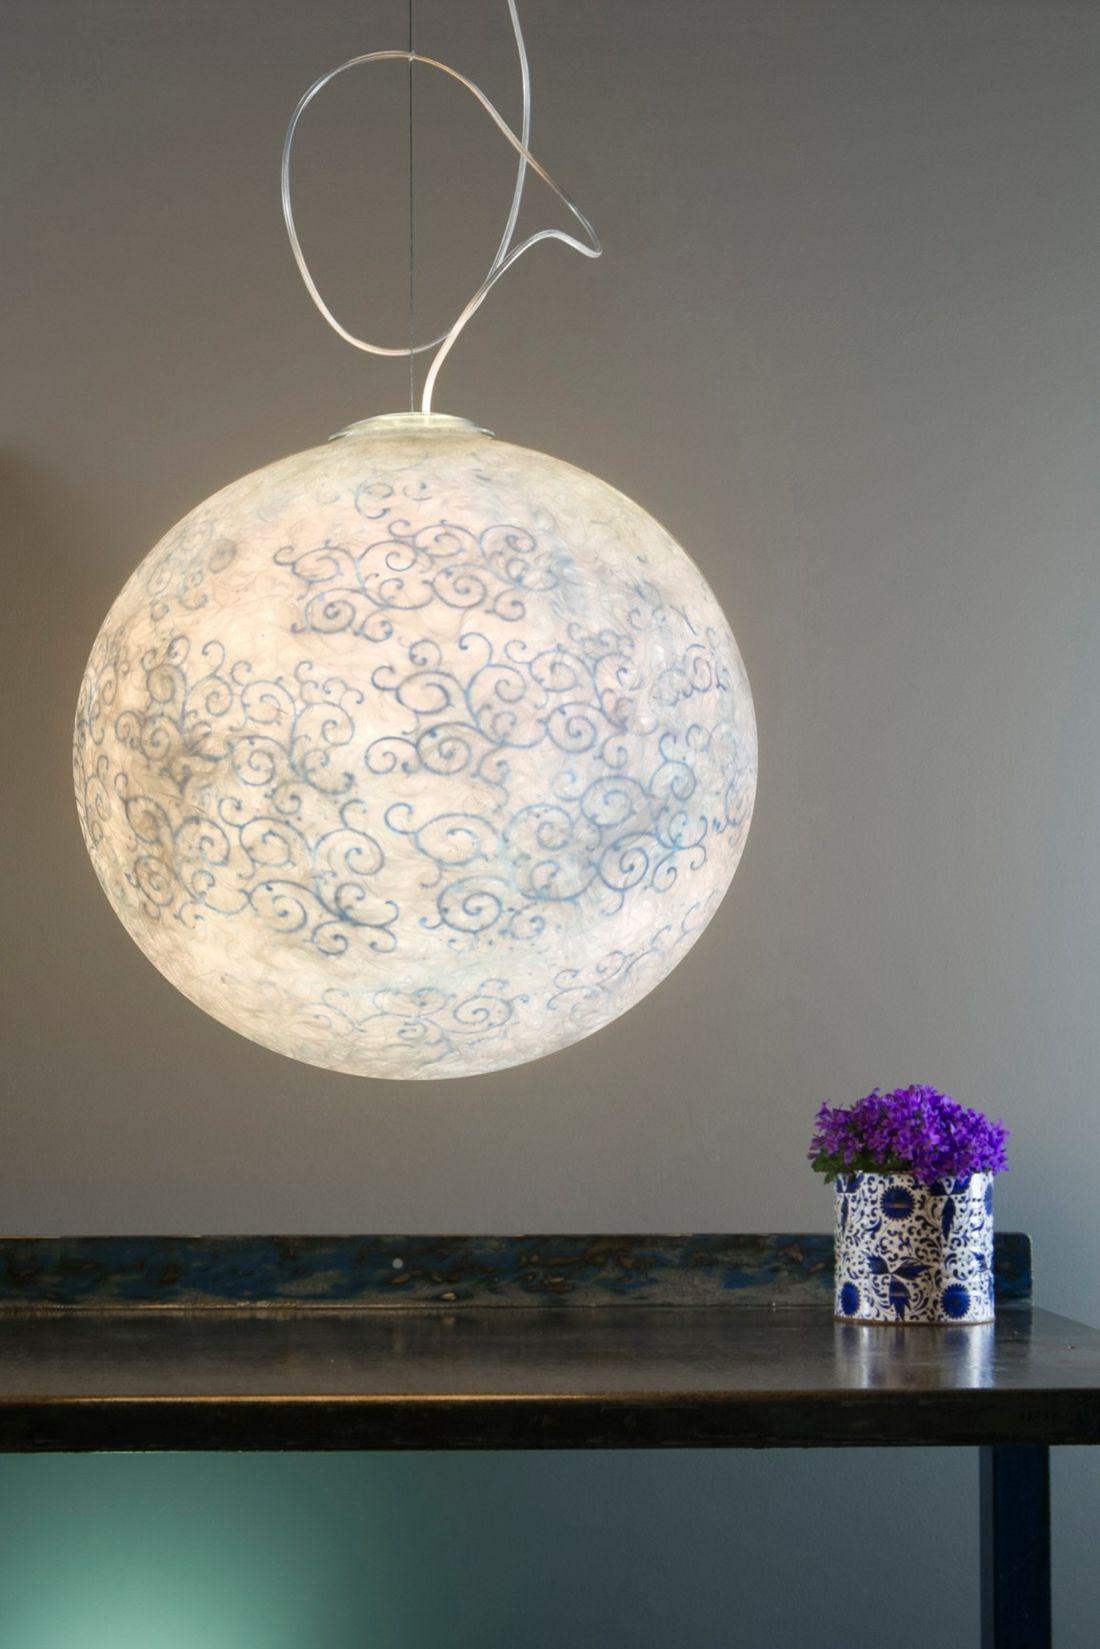 Lampen Ohne Kabel Und Zum Aufhangen Fur Eine Kunstvolle Beleuchtung In Jedem Bereich Lampen Innenbeleuchtung Und Drinnen